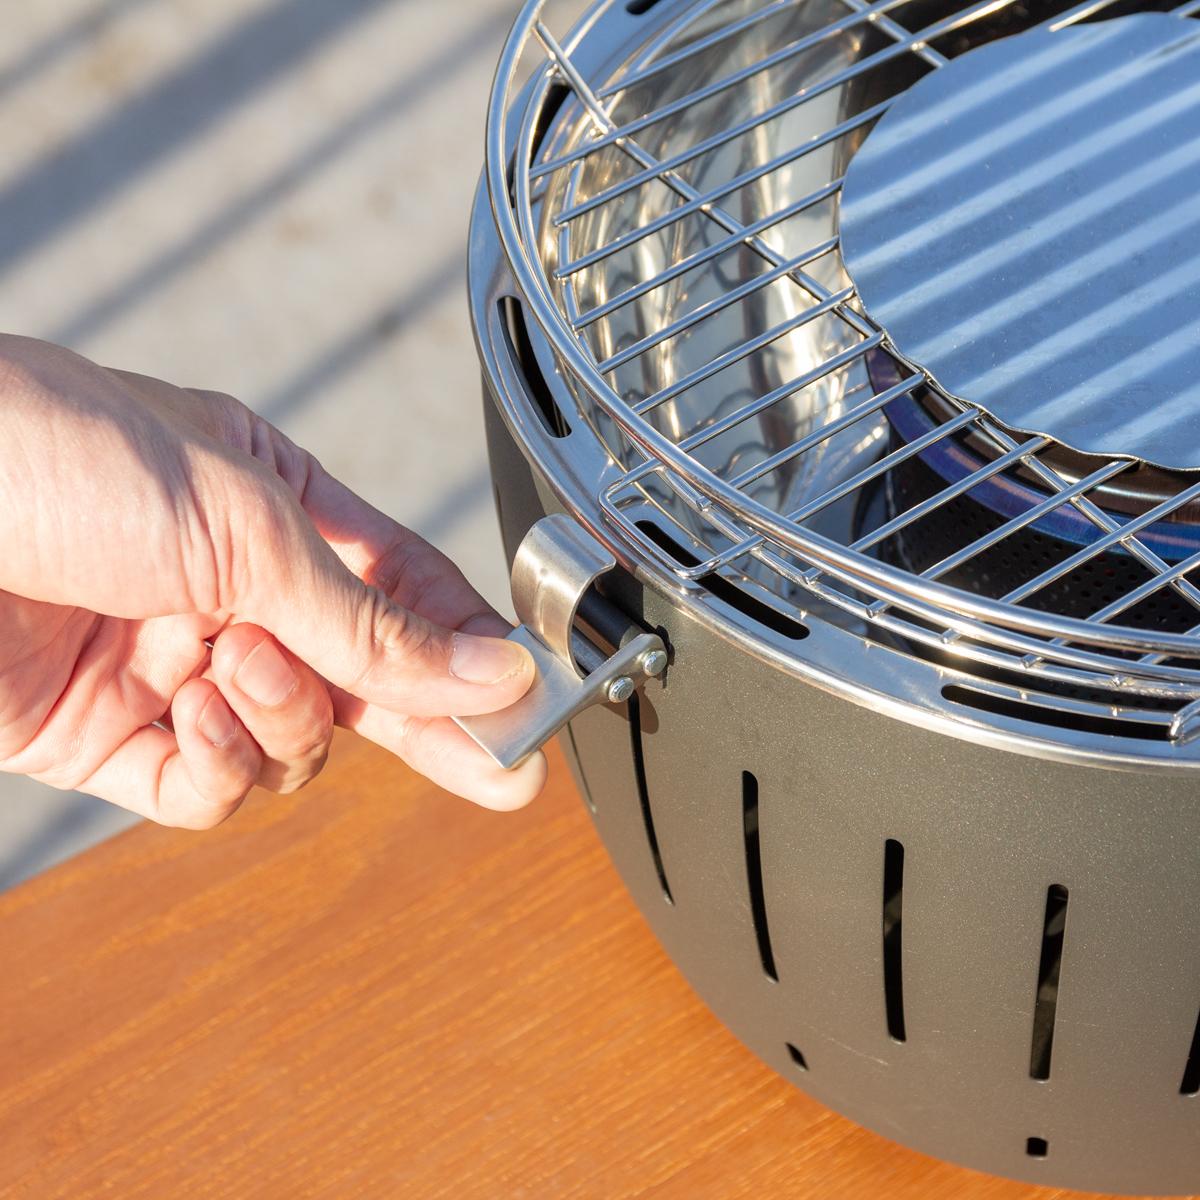 手順4|煙が少ない火力調節ファン付きロースターで、大人の気楽なBBQができる「炭火焼グリル」(一人キャンプ、ソロBBQに)|Lotus Grill